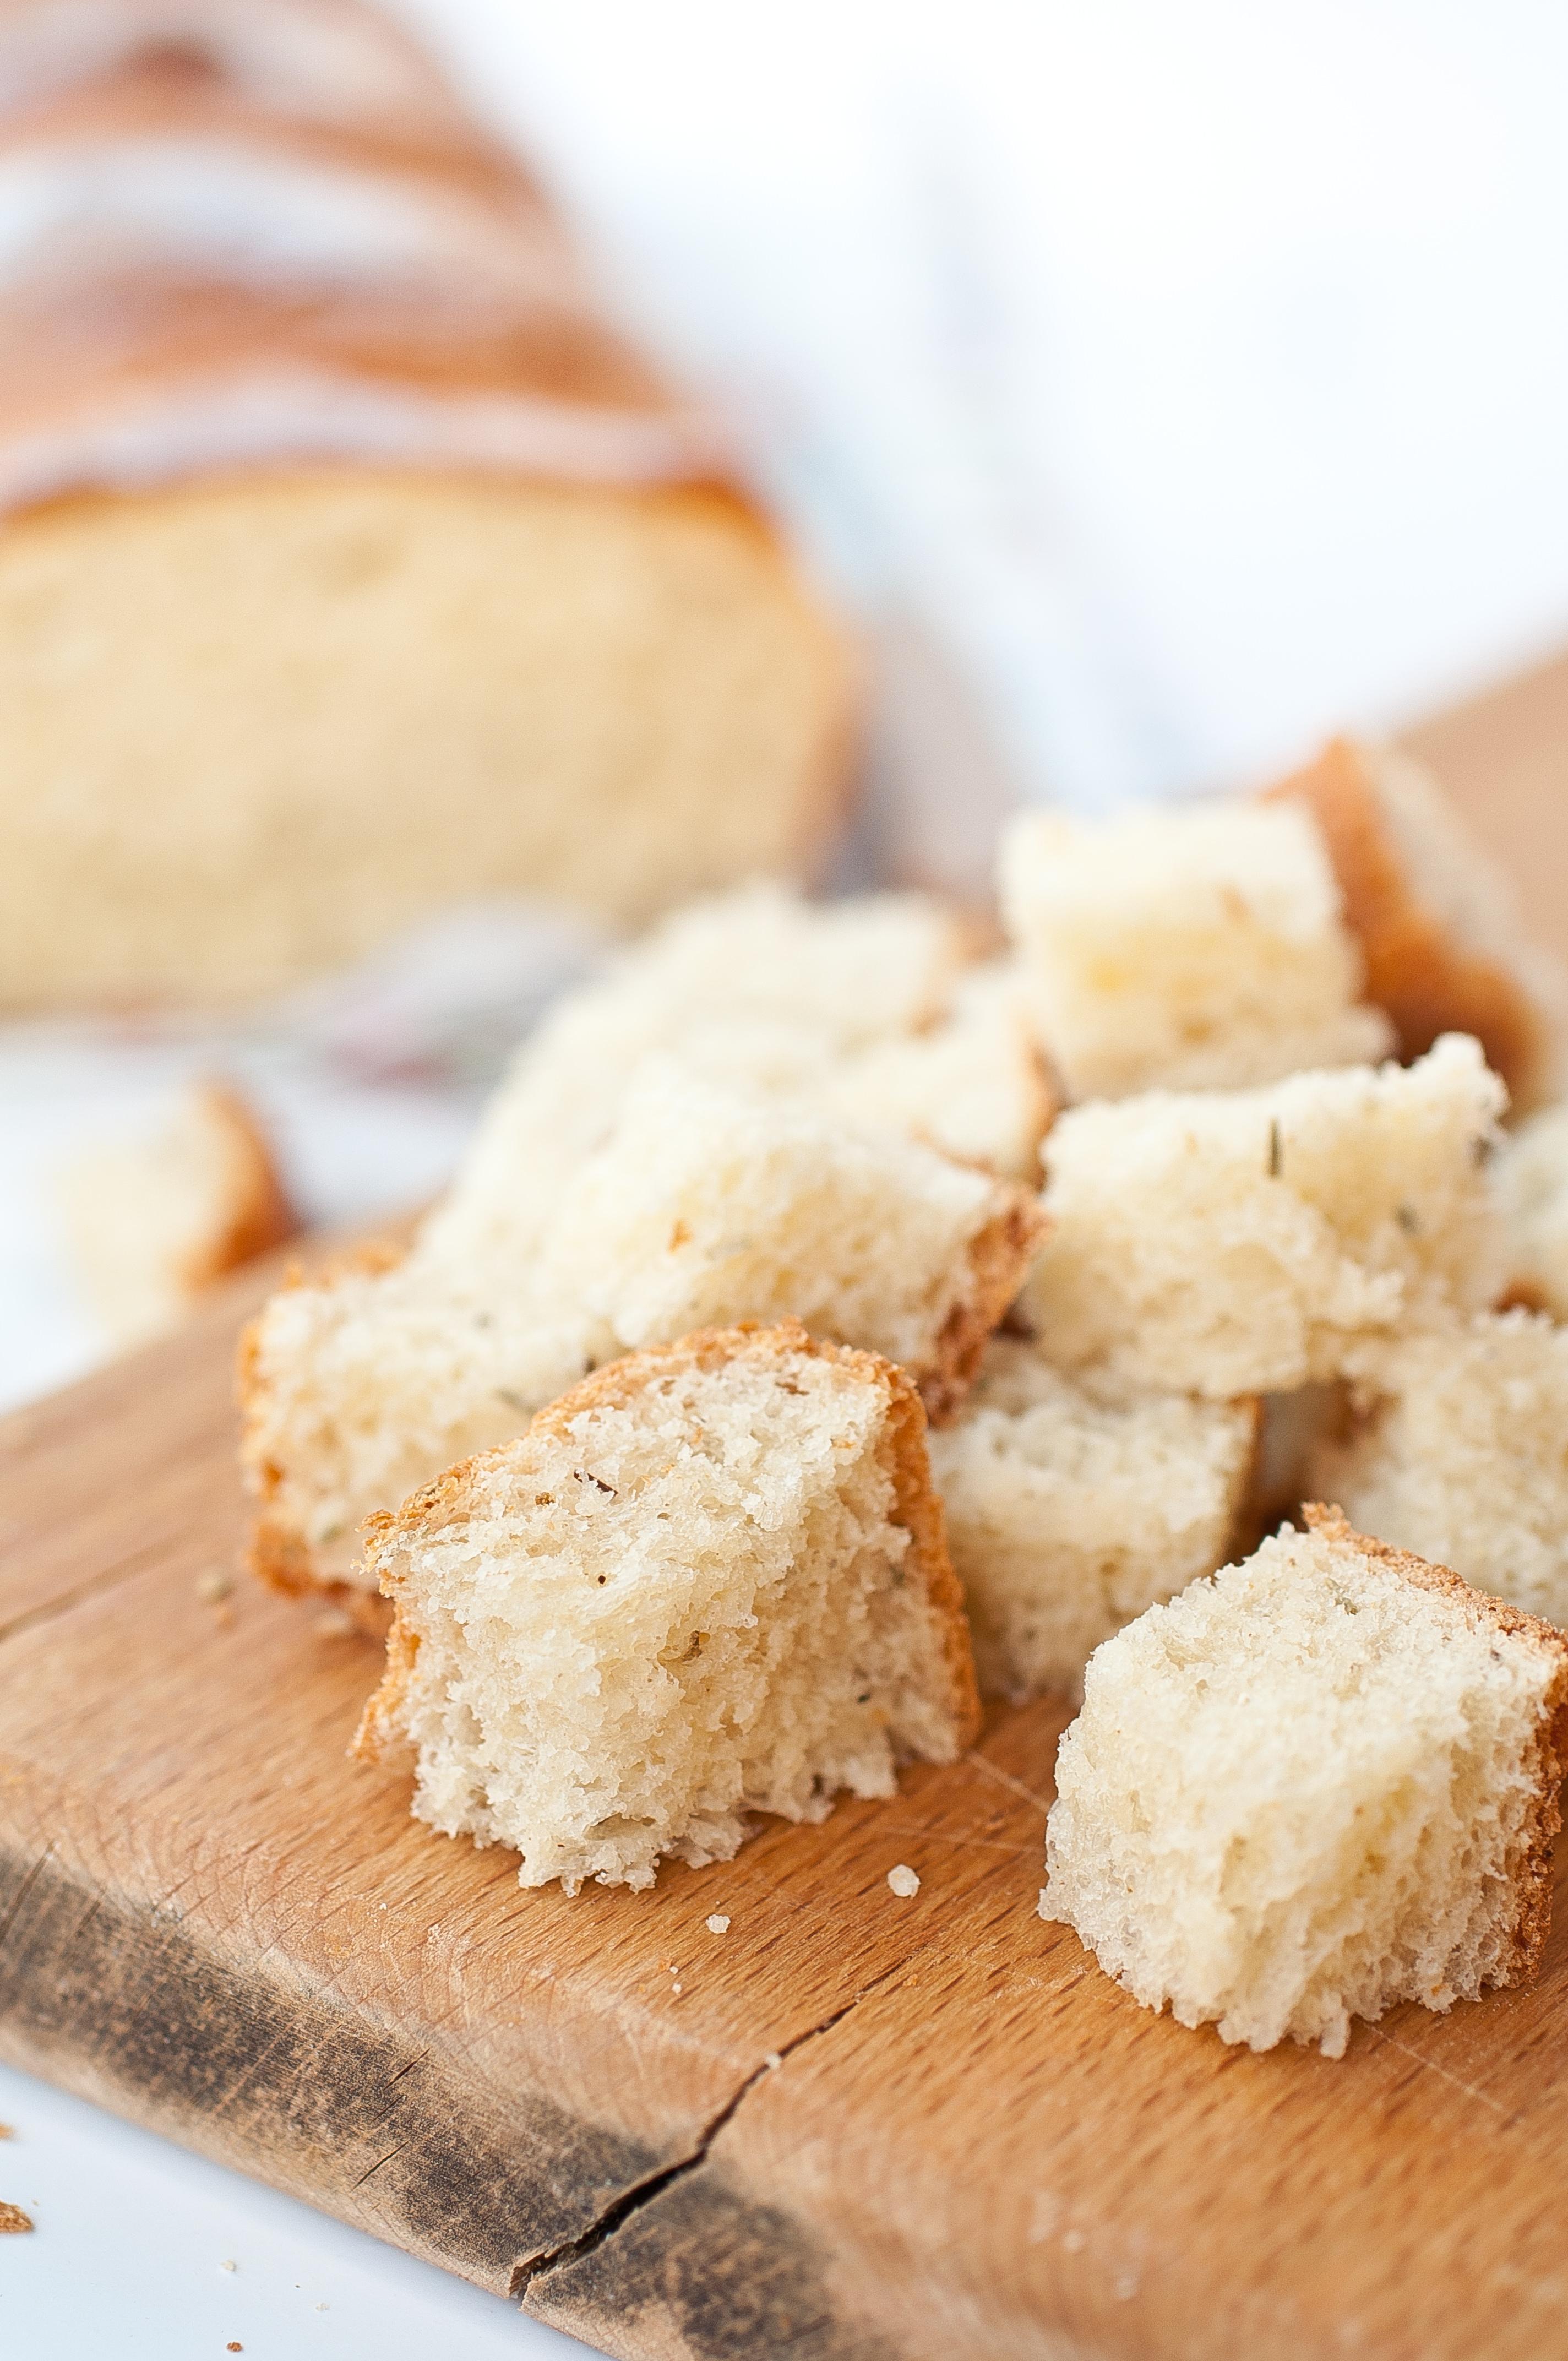 Pan brioche perfetto al rosmarino - ricetta